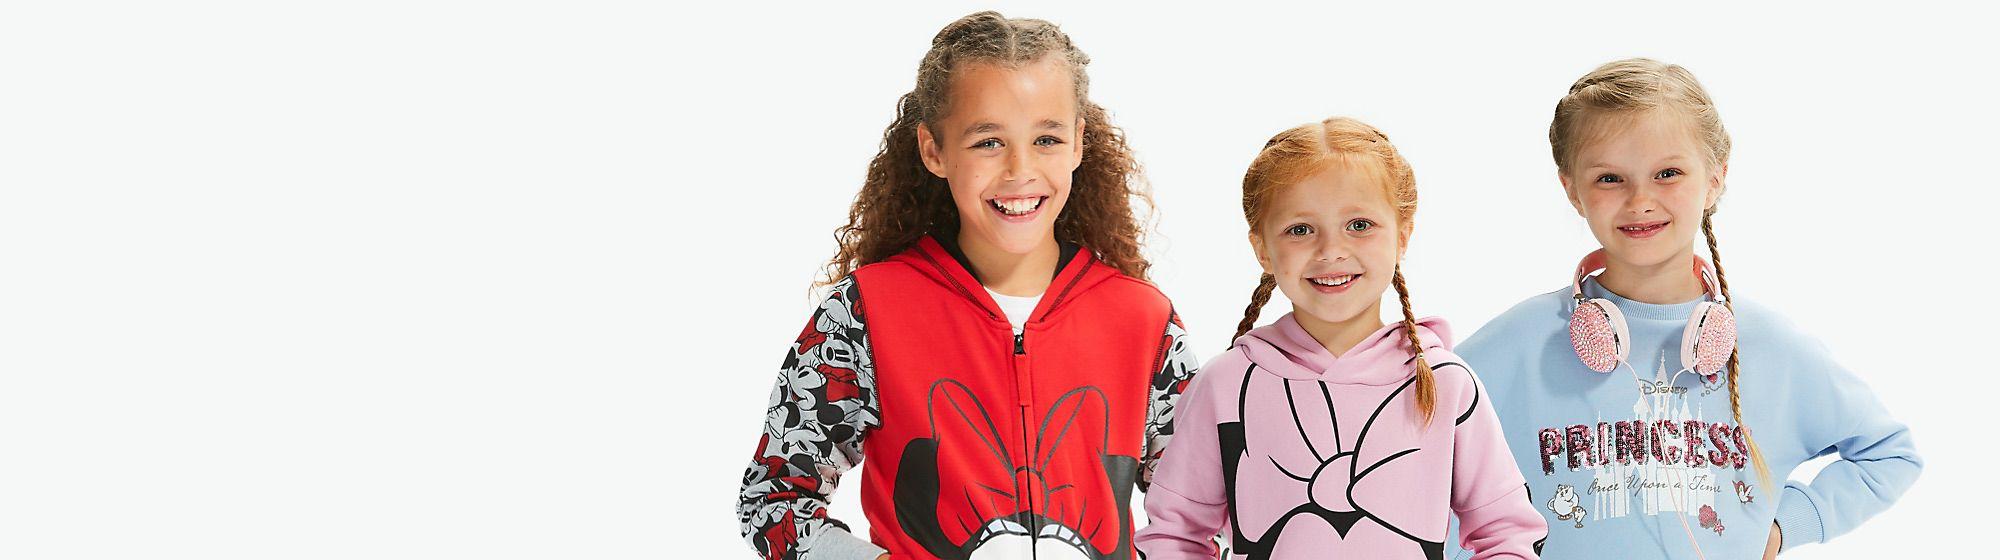 Ropa para niñas Descubre nuestra selección de vestidos de niña  y faldas,  que podrás combinar con una gran infinidad de blusas  y jersey de tus personajes favoritos. ¡Querrás comprarlo todo!